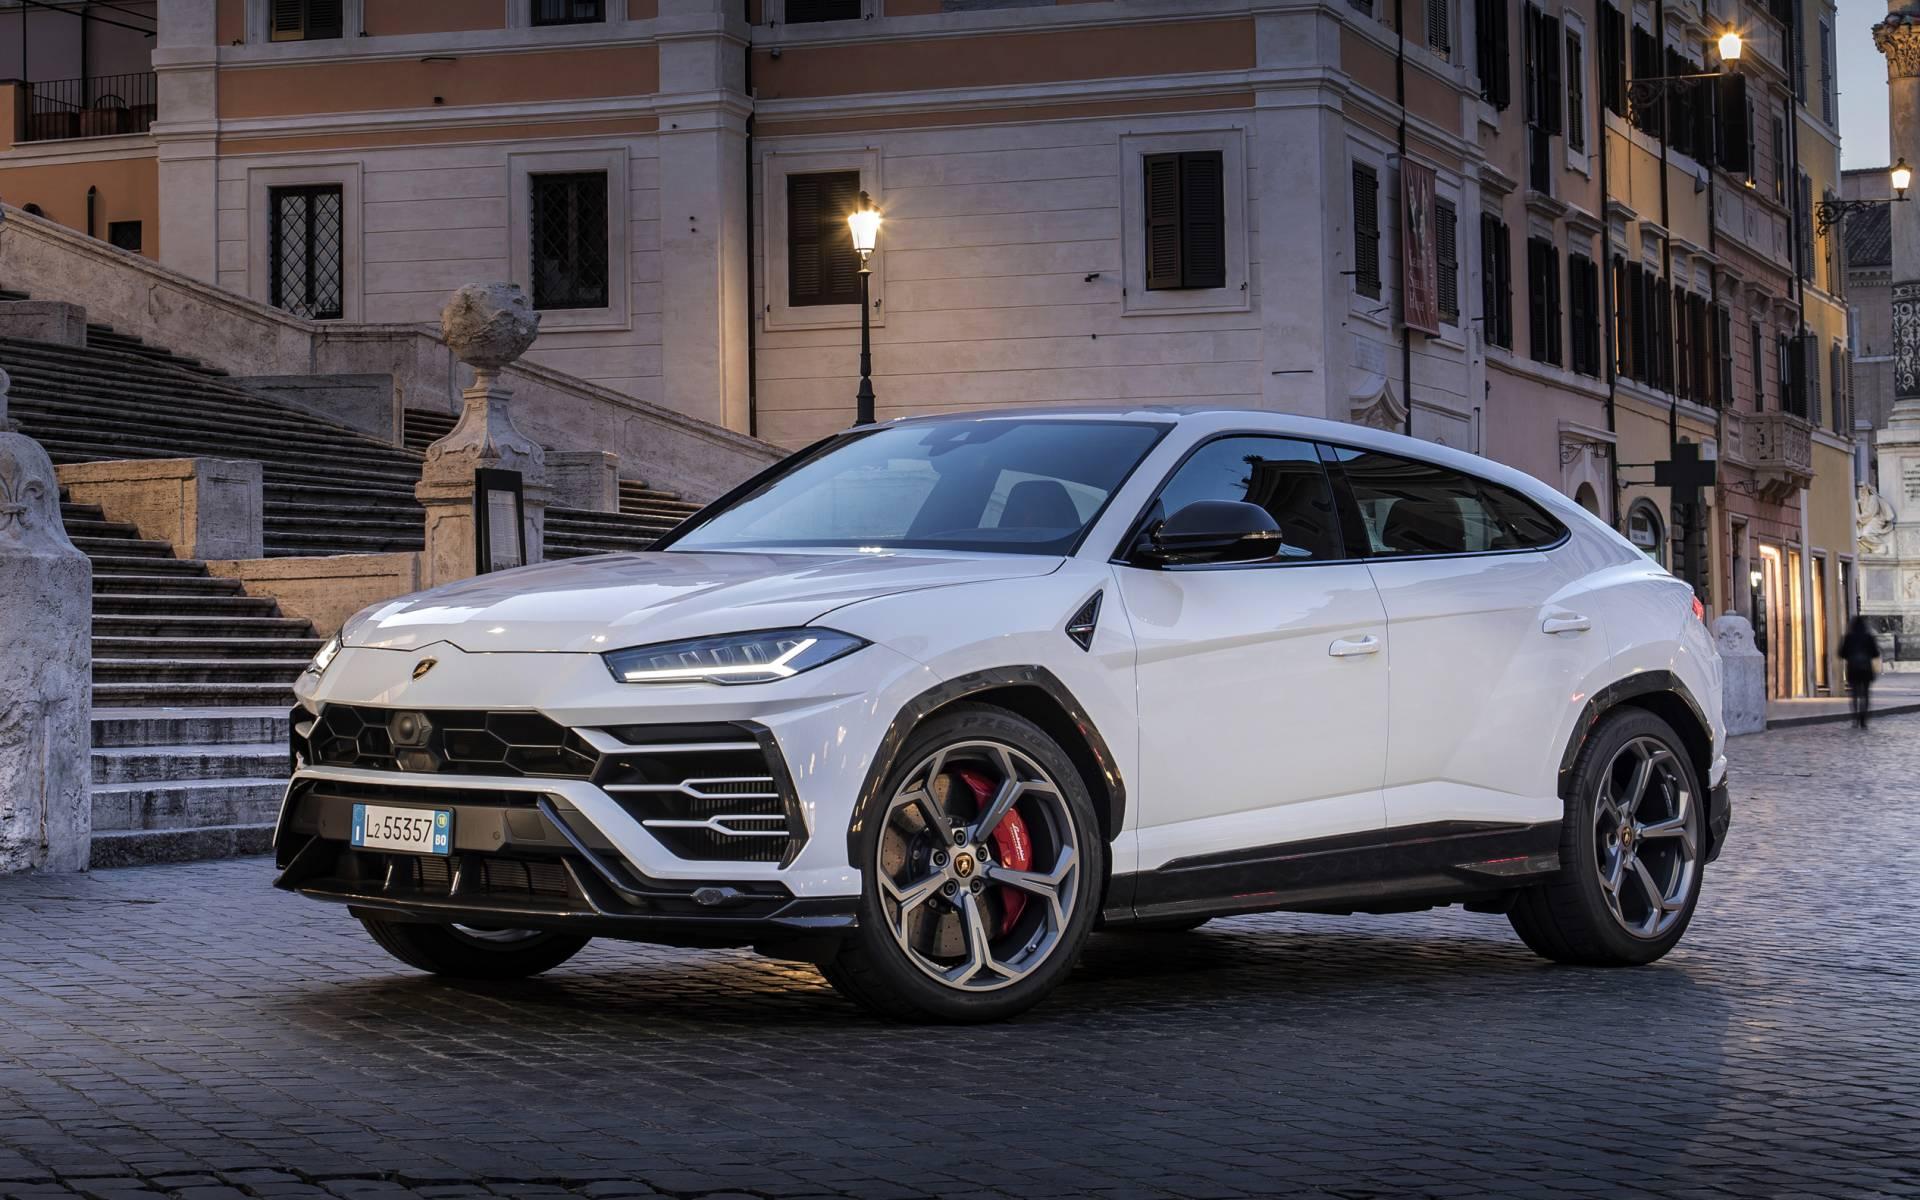 2020 Lamborghini Urus New Review